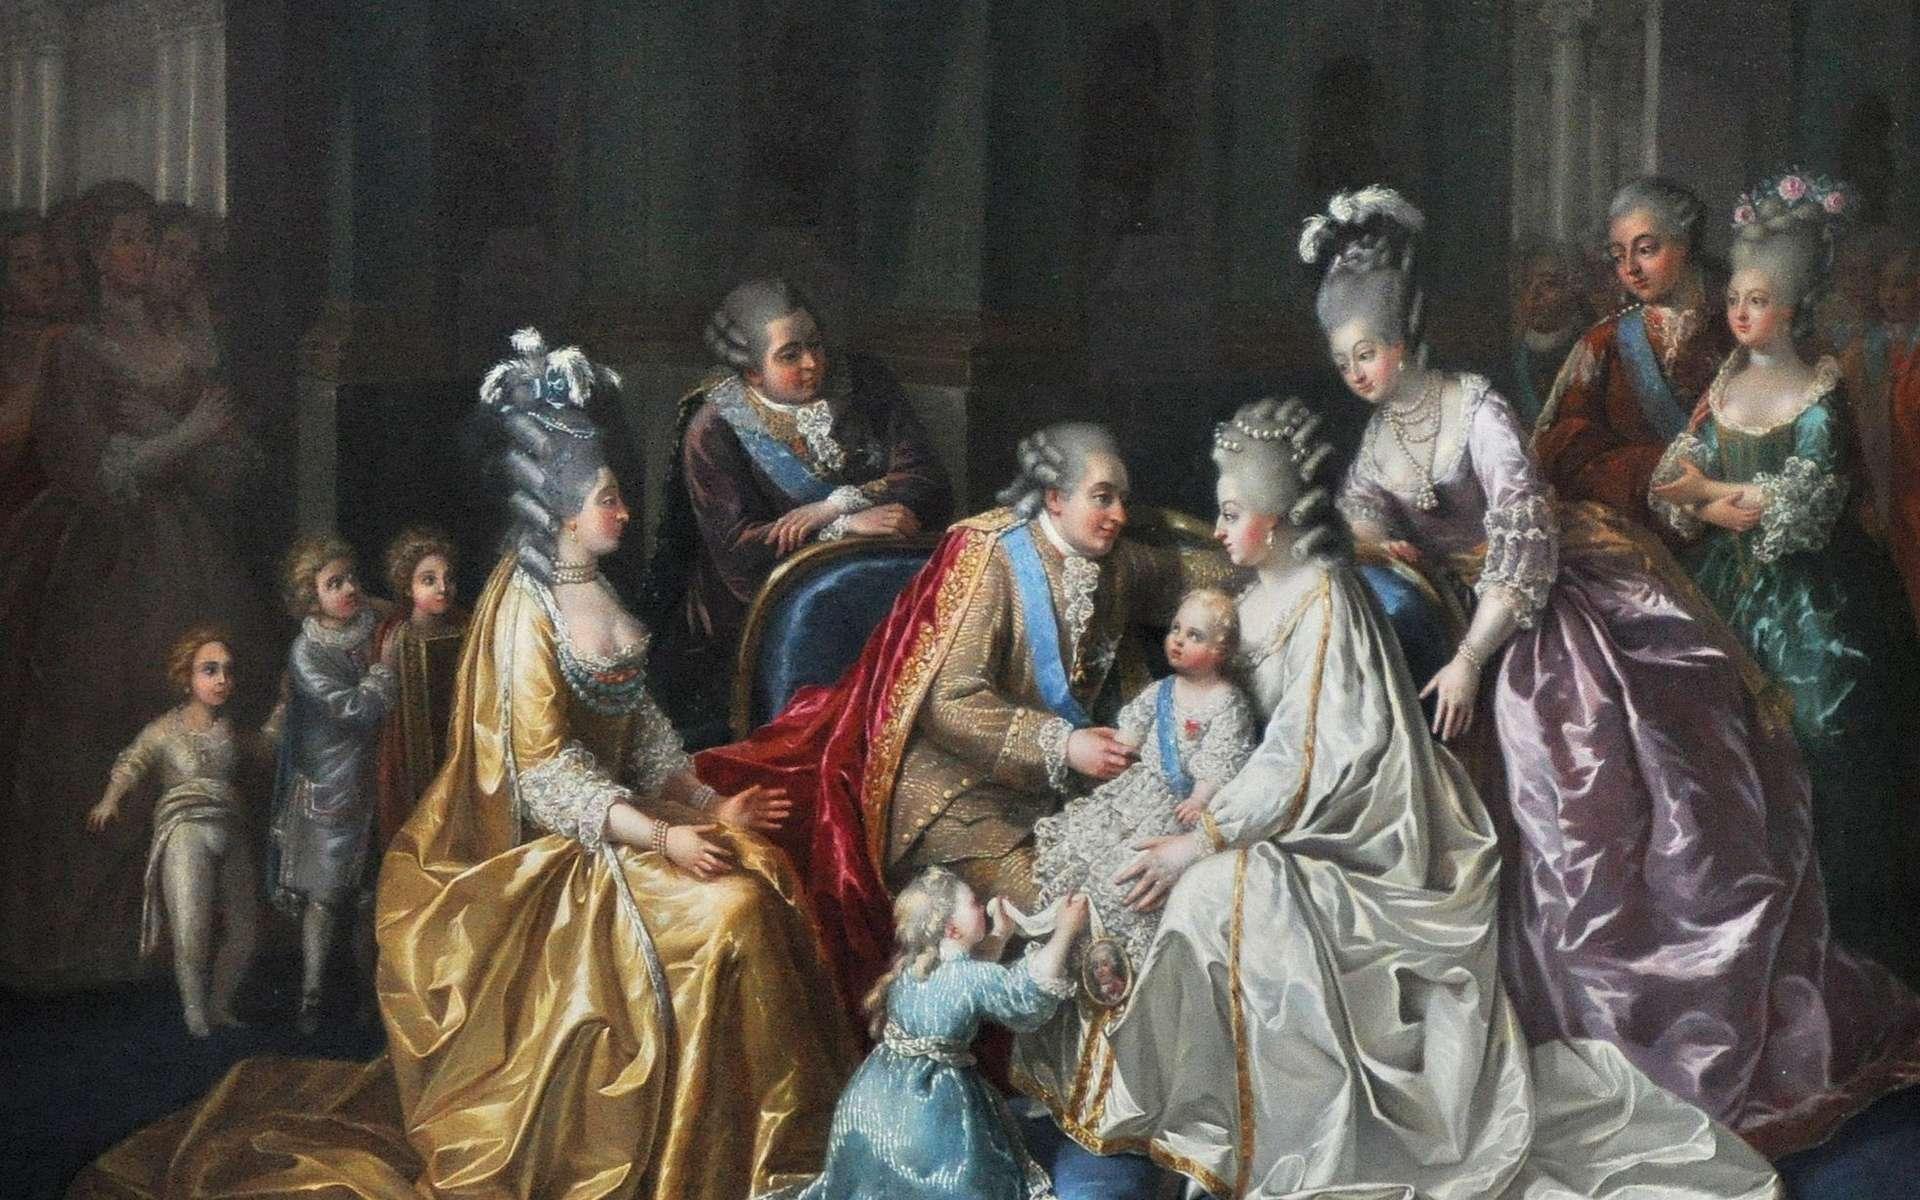 Les membres de la famille royale de France réunis autour du Dauphin, né en 1781 - Cultea